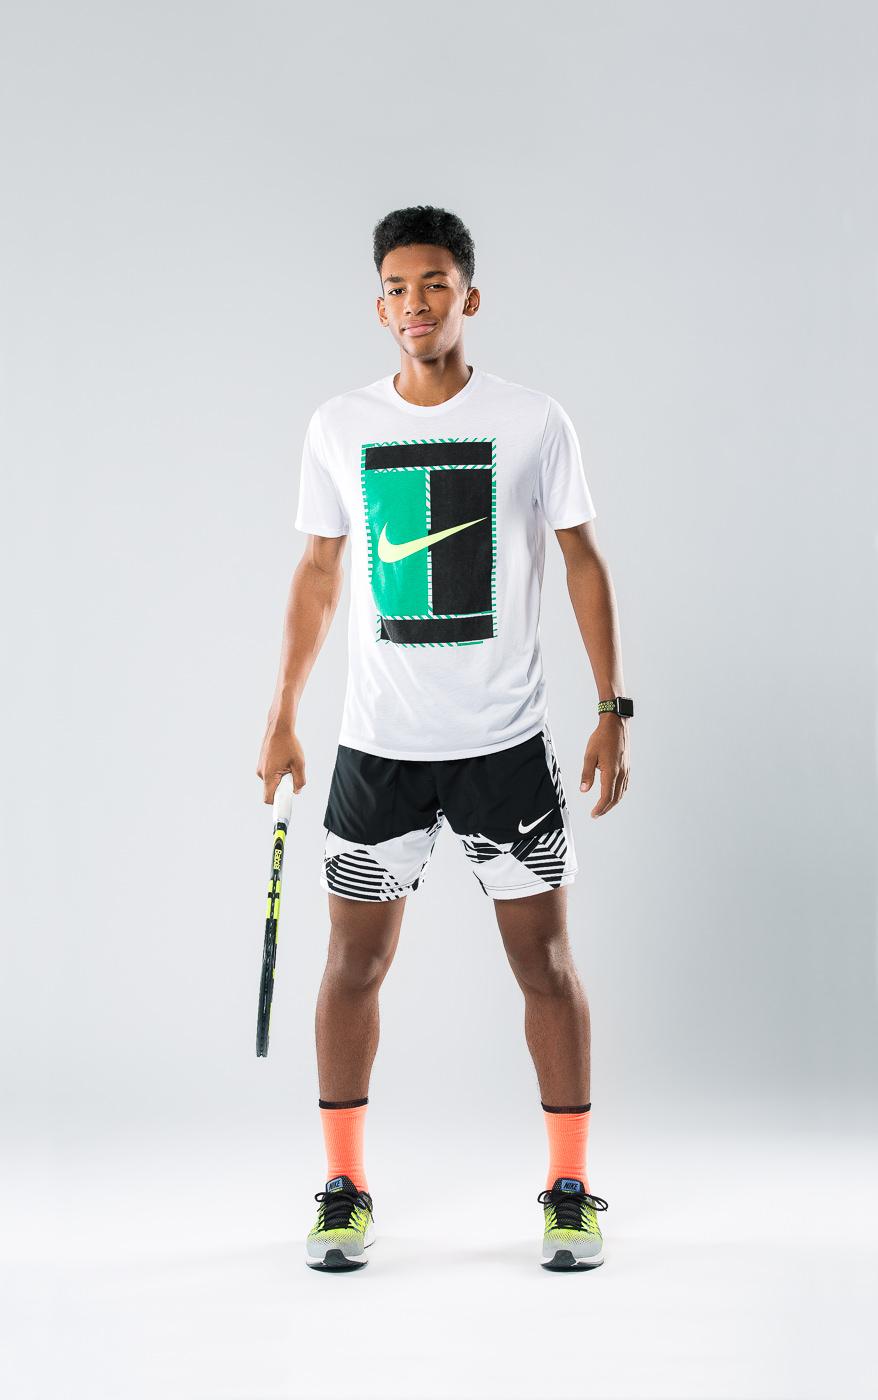 Portrait joueur tennis canada Felix Auger Aliassime